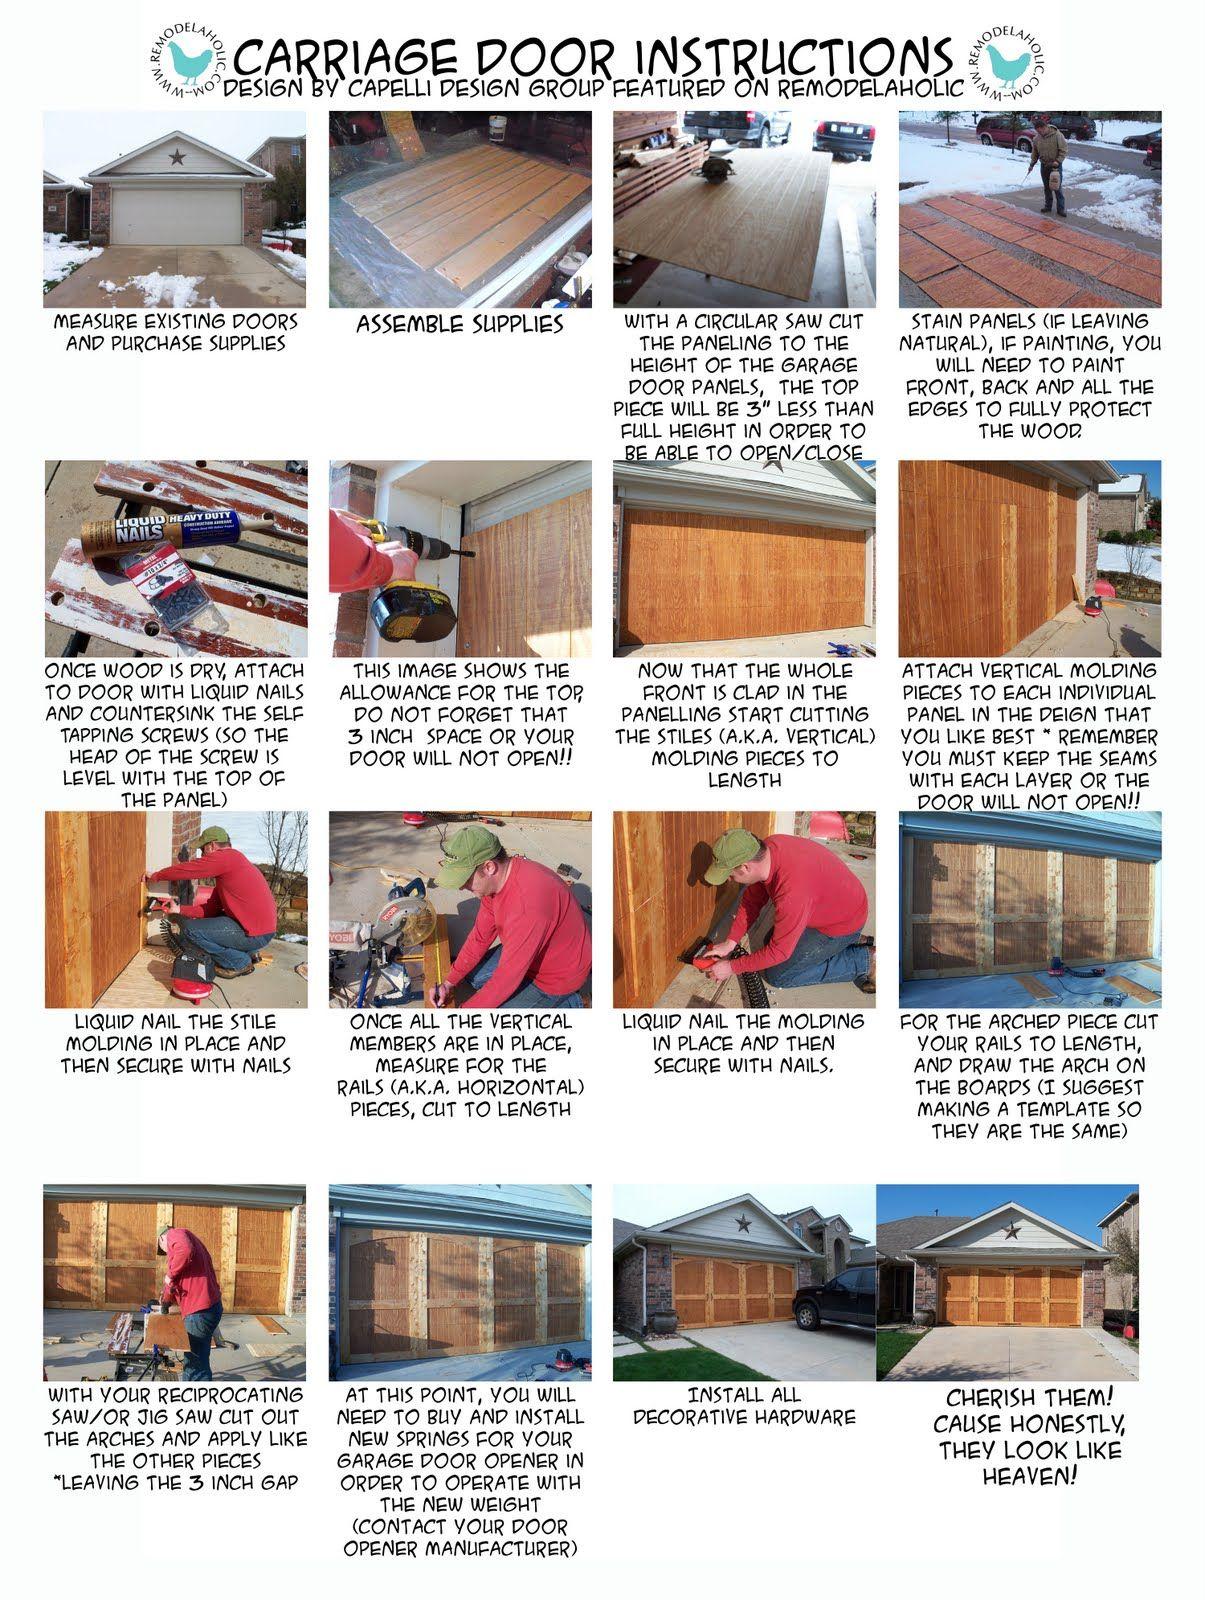 Templateforinstructionsheetcopyg Diy Remodel Garage Door To